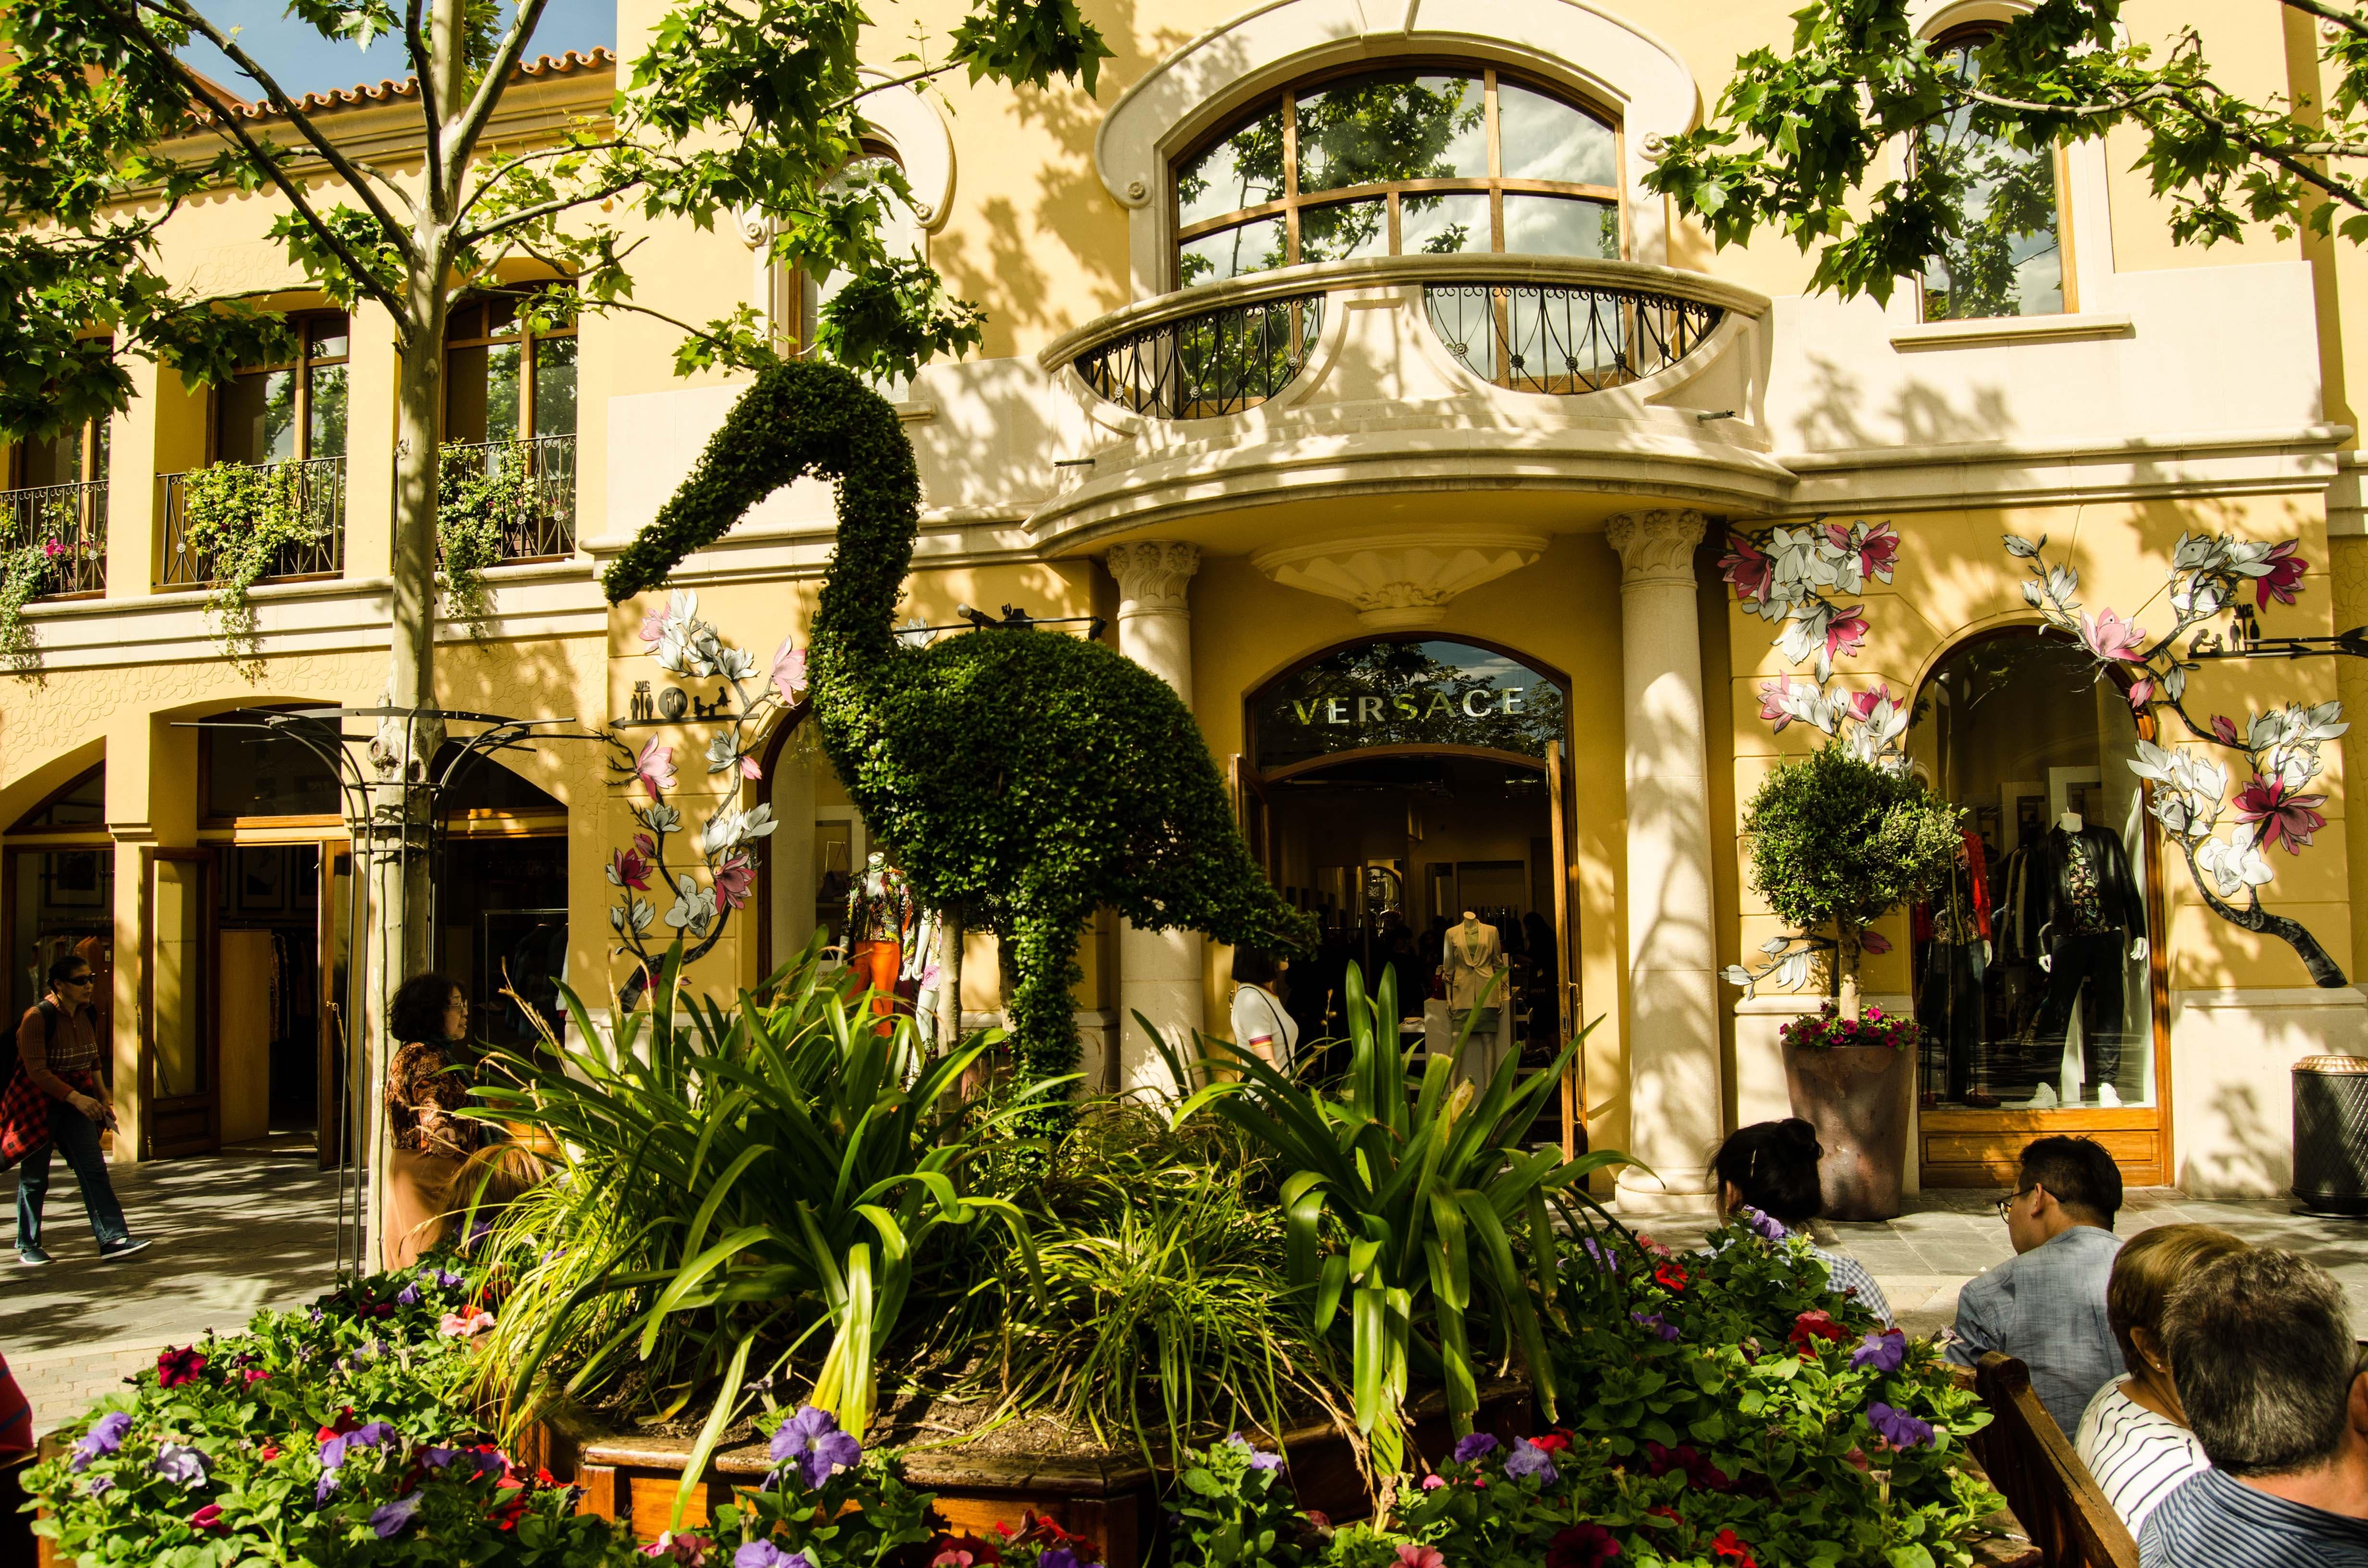 madridallincluded-las-rozas-village-luxury-discount-versace